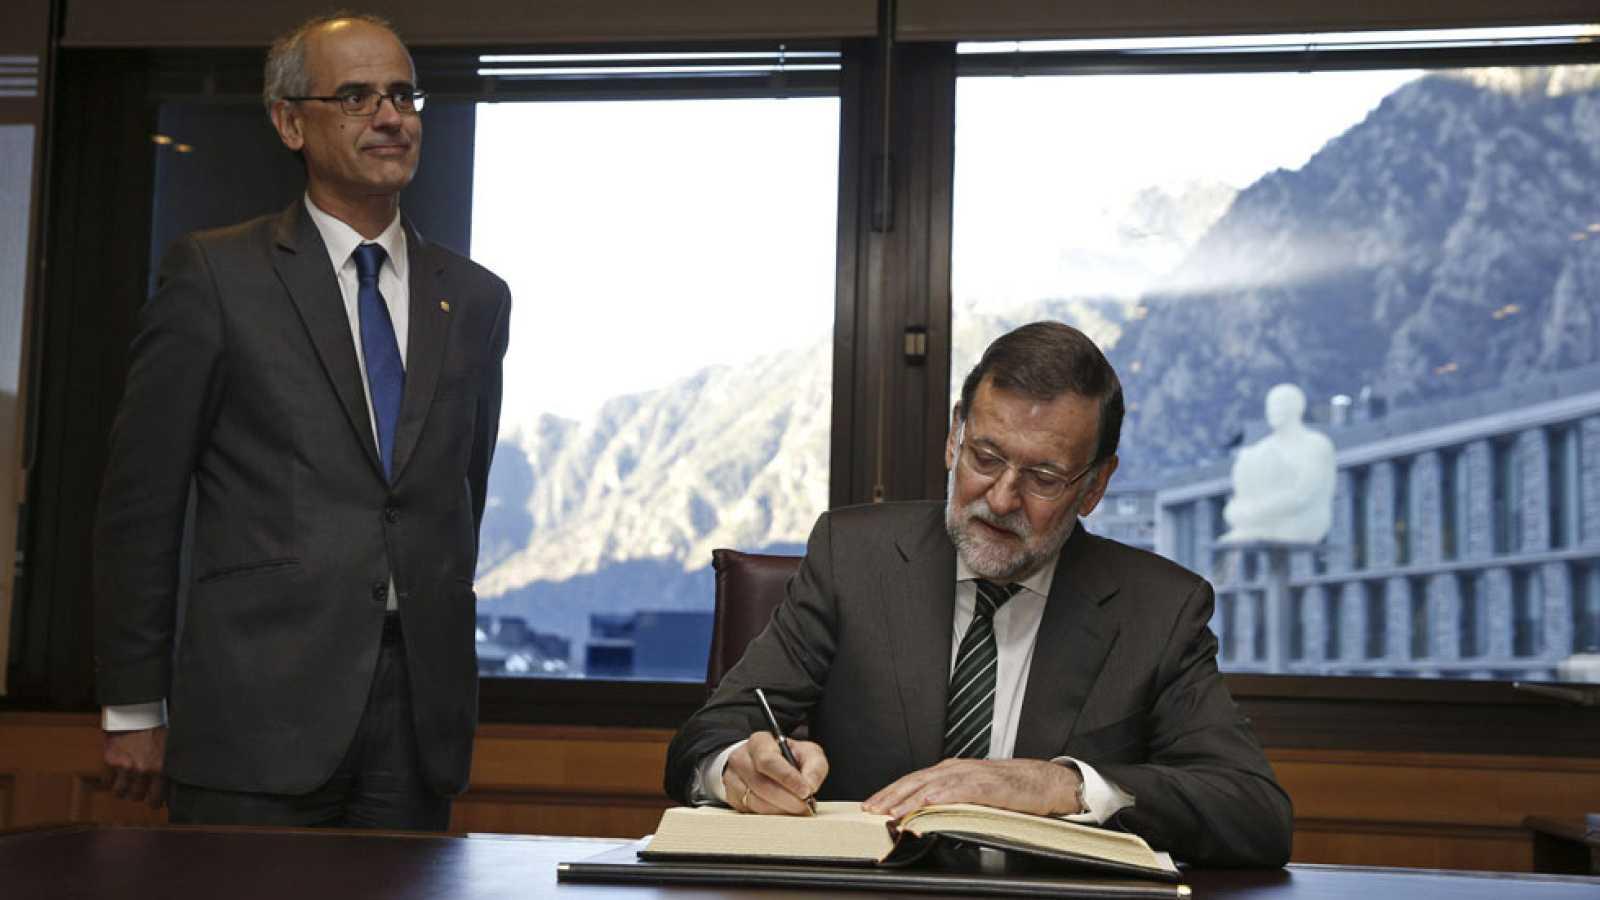 Rajoy reitera su solidaridad con Francia tras el atentado en el 'Charlie Hebdo'